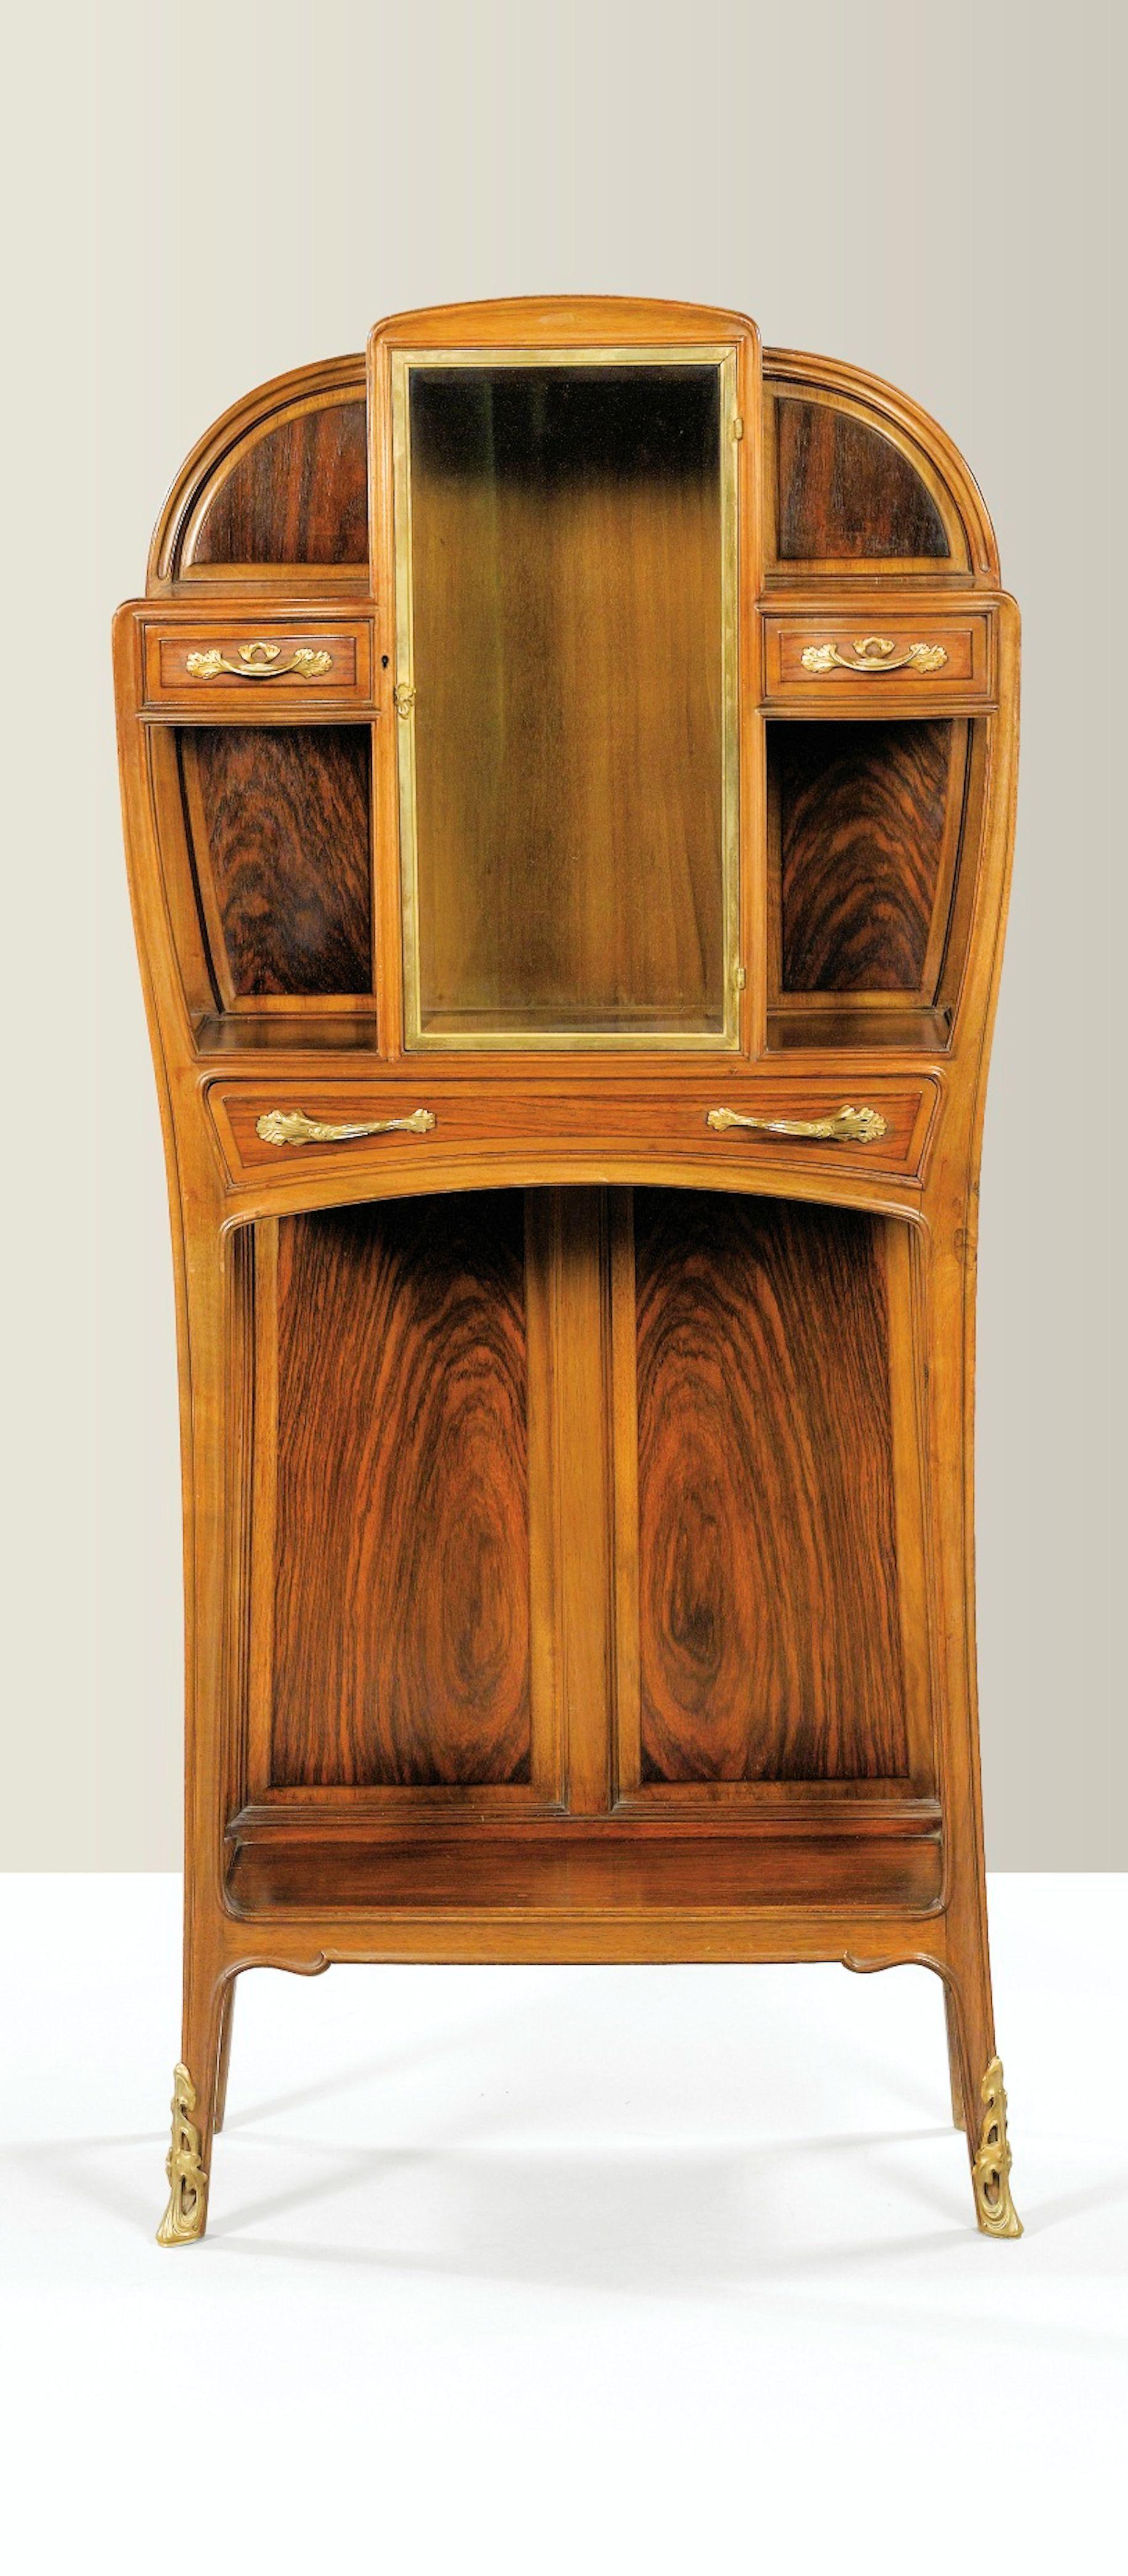 Louis Majorelle Vitrine 1900 Hooves Bronze Indian Rosewood And Mahogany Sotheby S Art Nouveau Art Deco Art Nouveau Mobilier De Salon